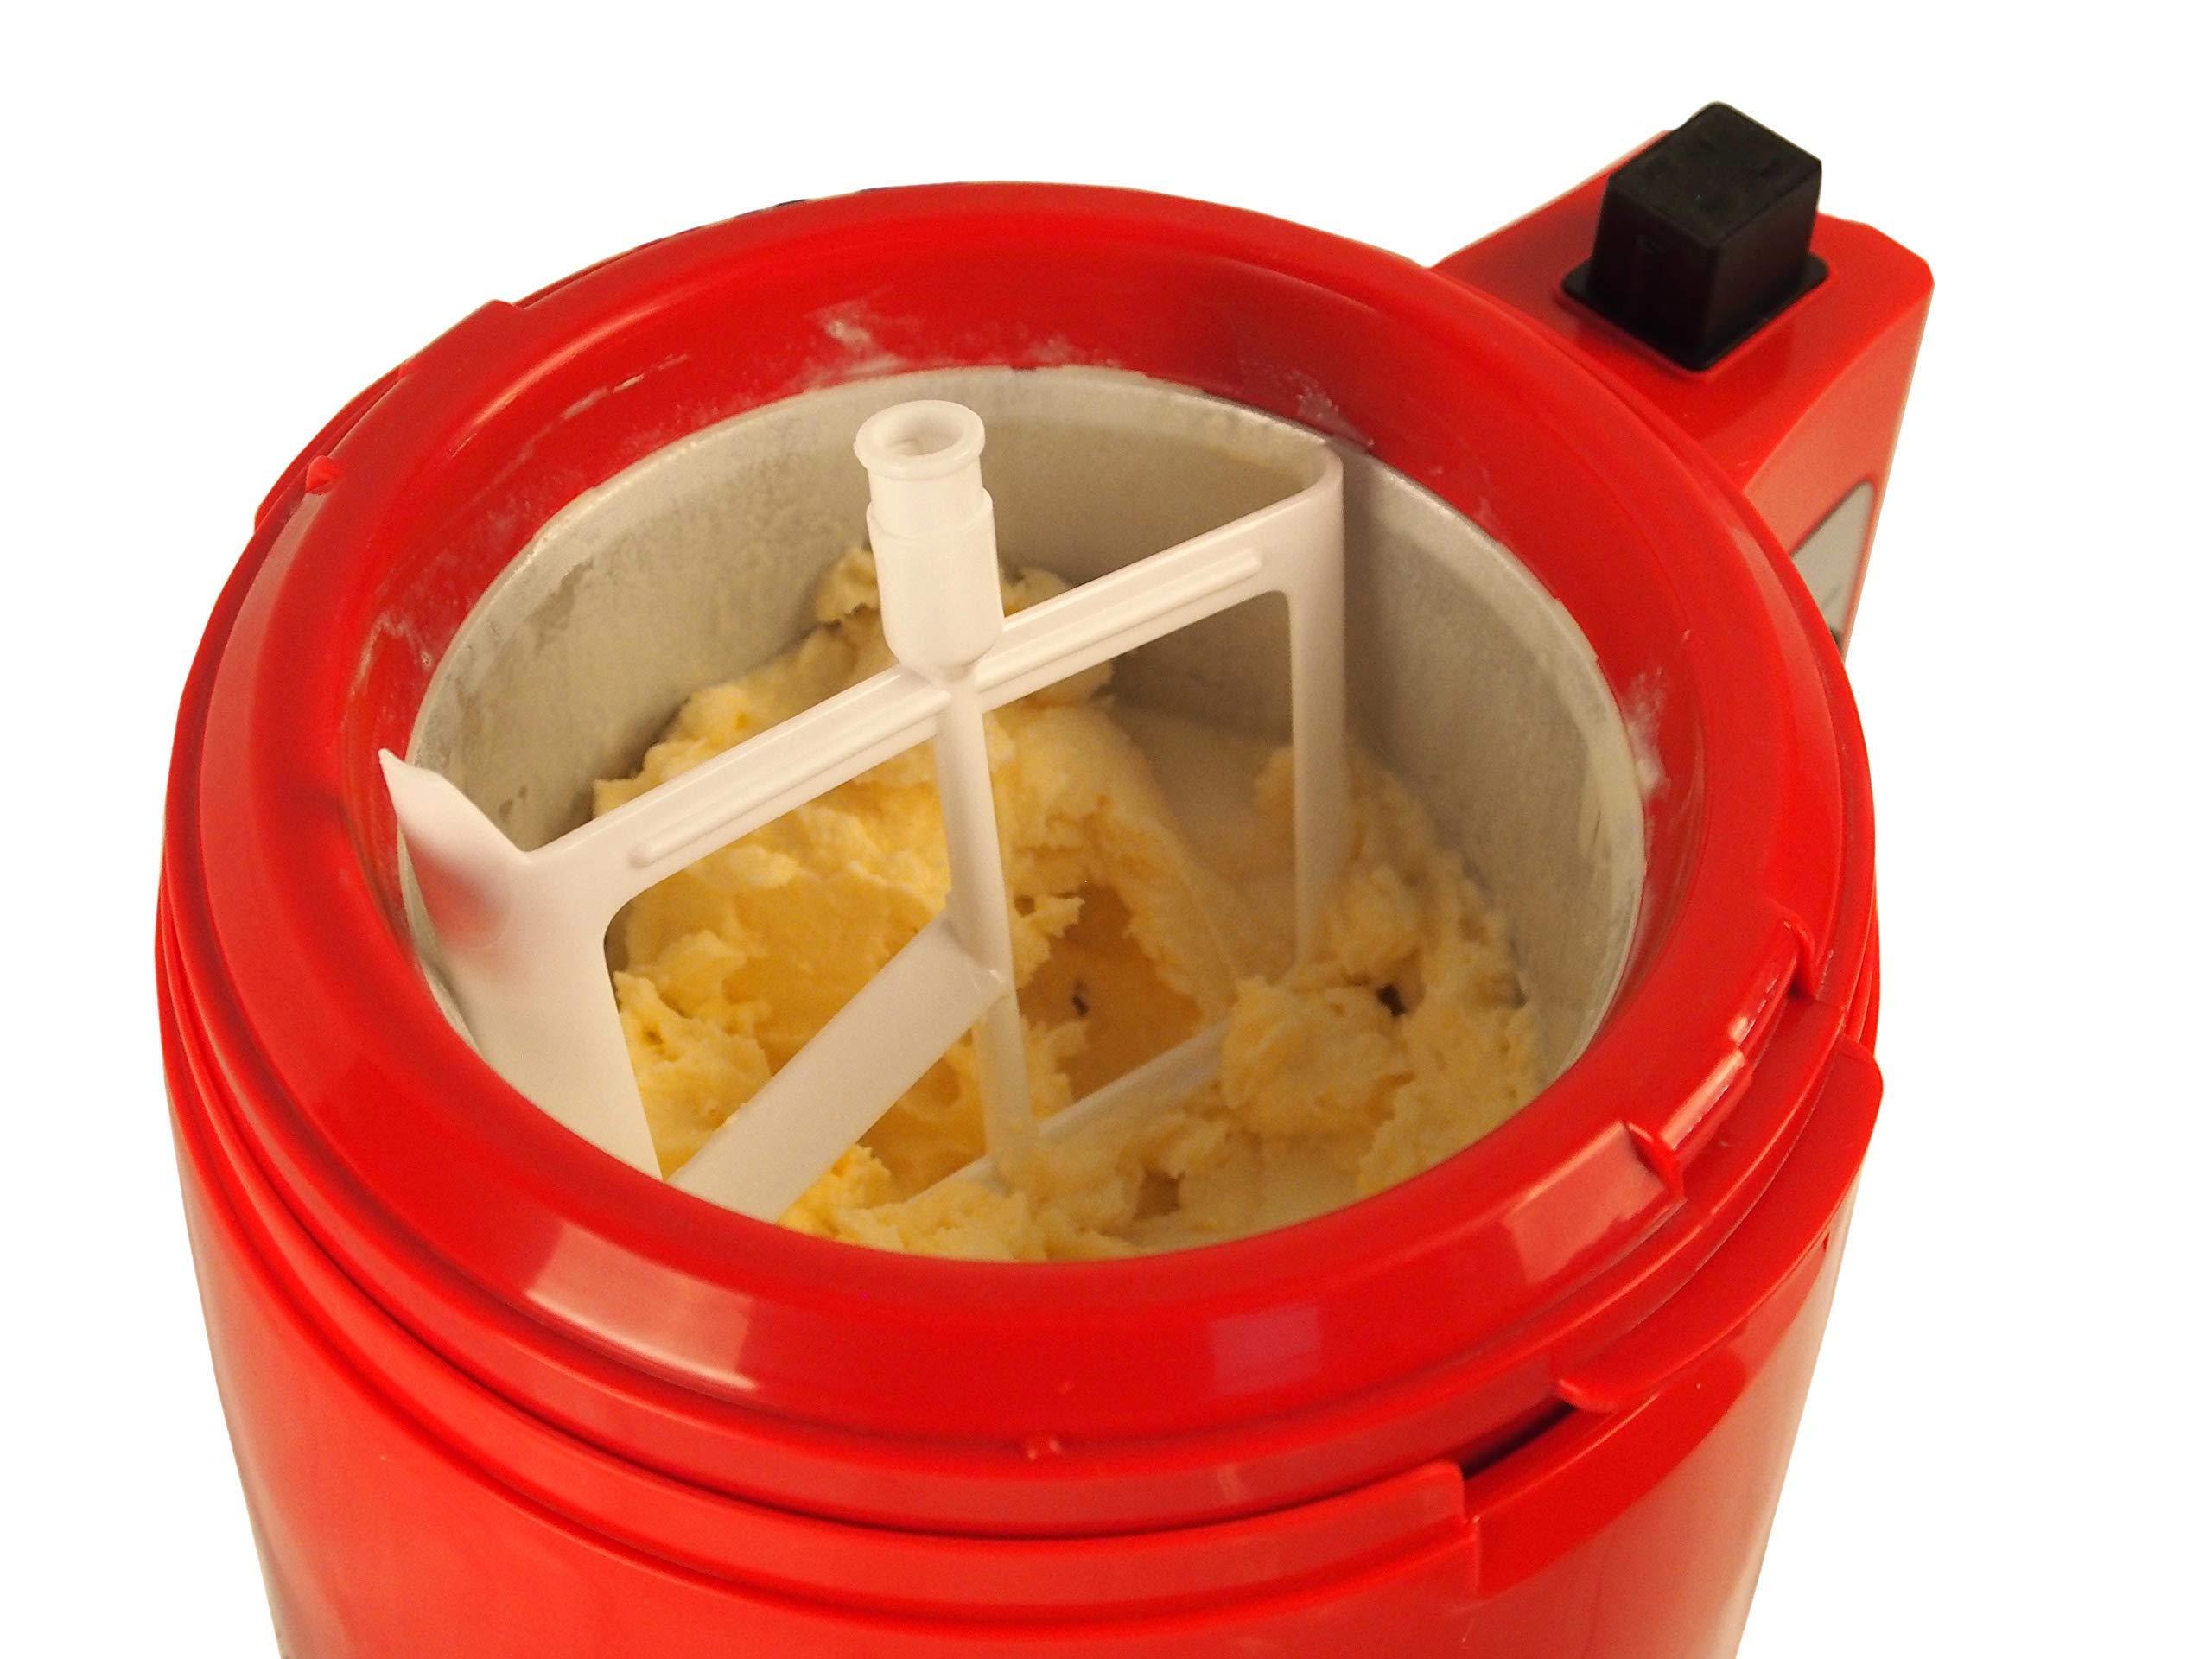 Makes Ice Cream Frozen Yoghurt Sorbet Lickleys 2-in-1 Ice Cream /& Yoghurt Maker